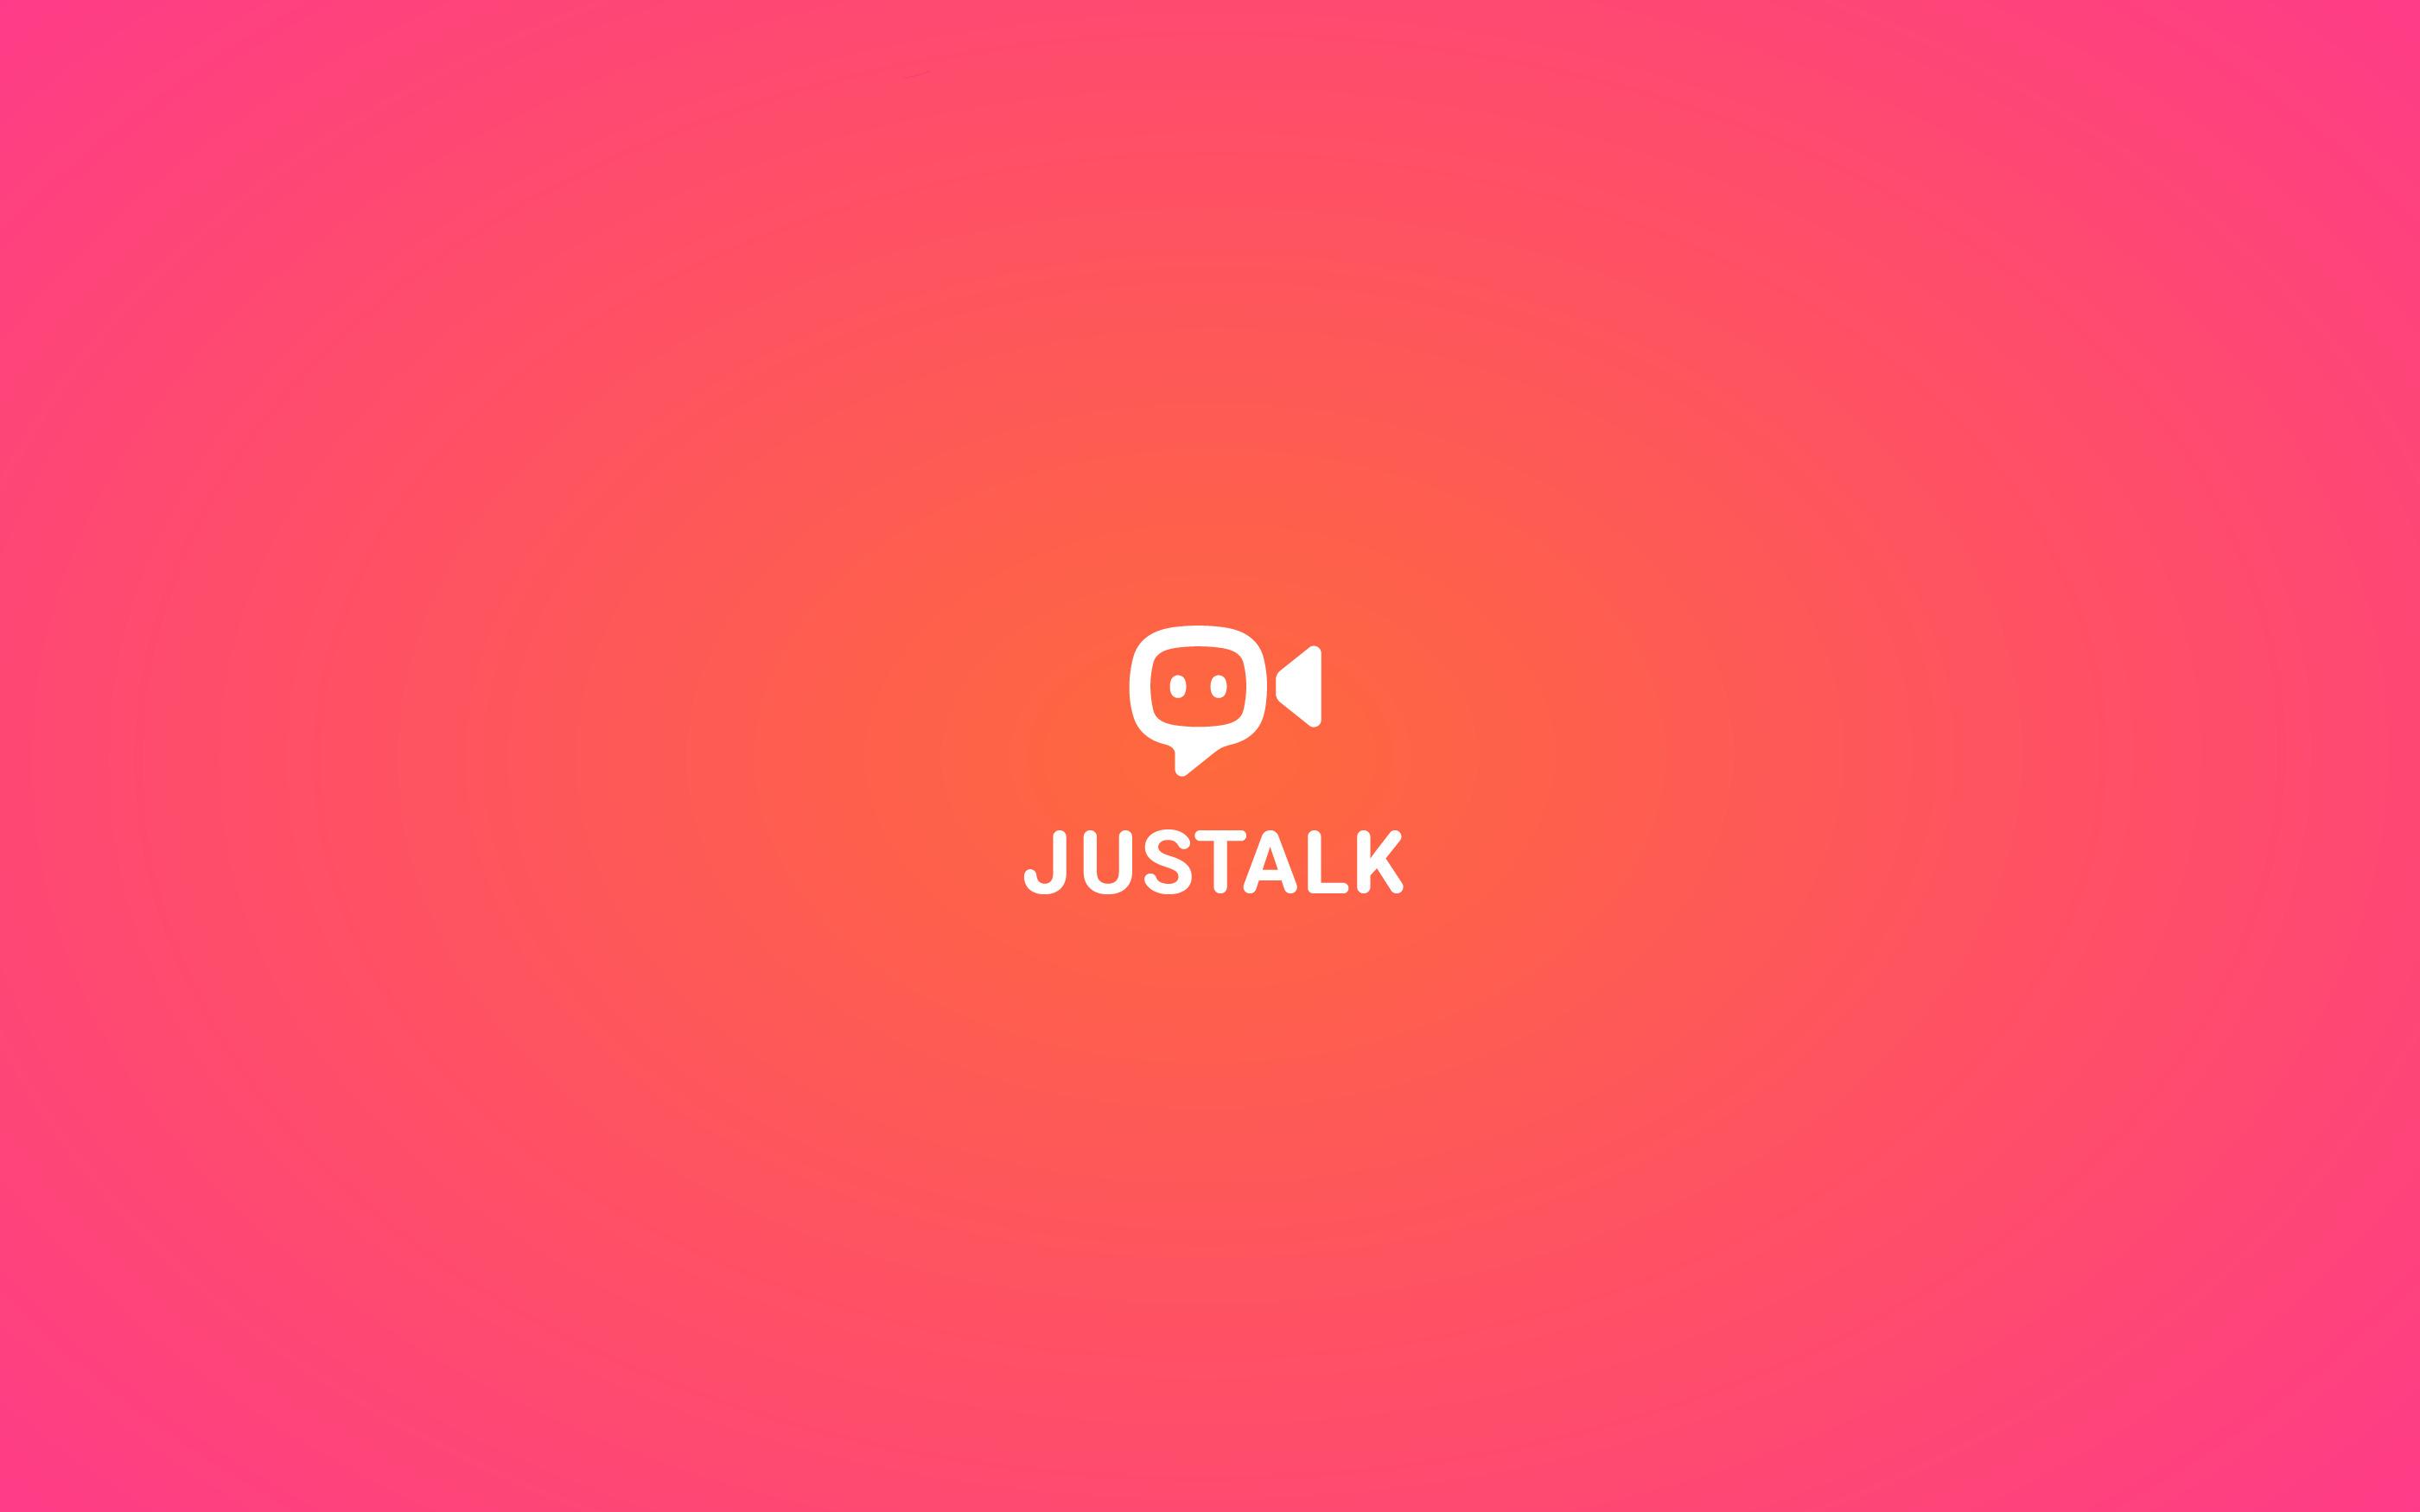 justalk logo